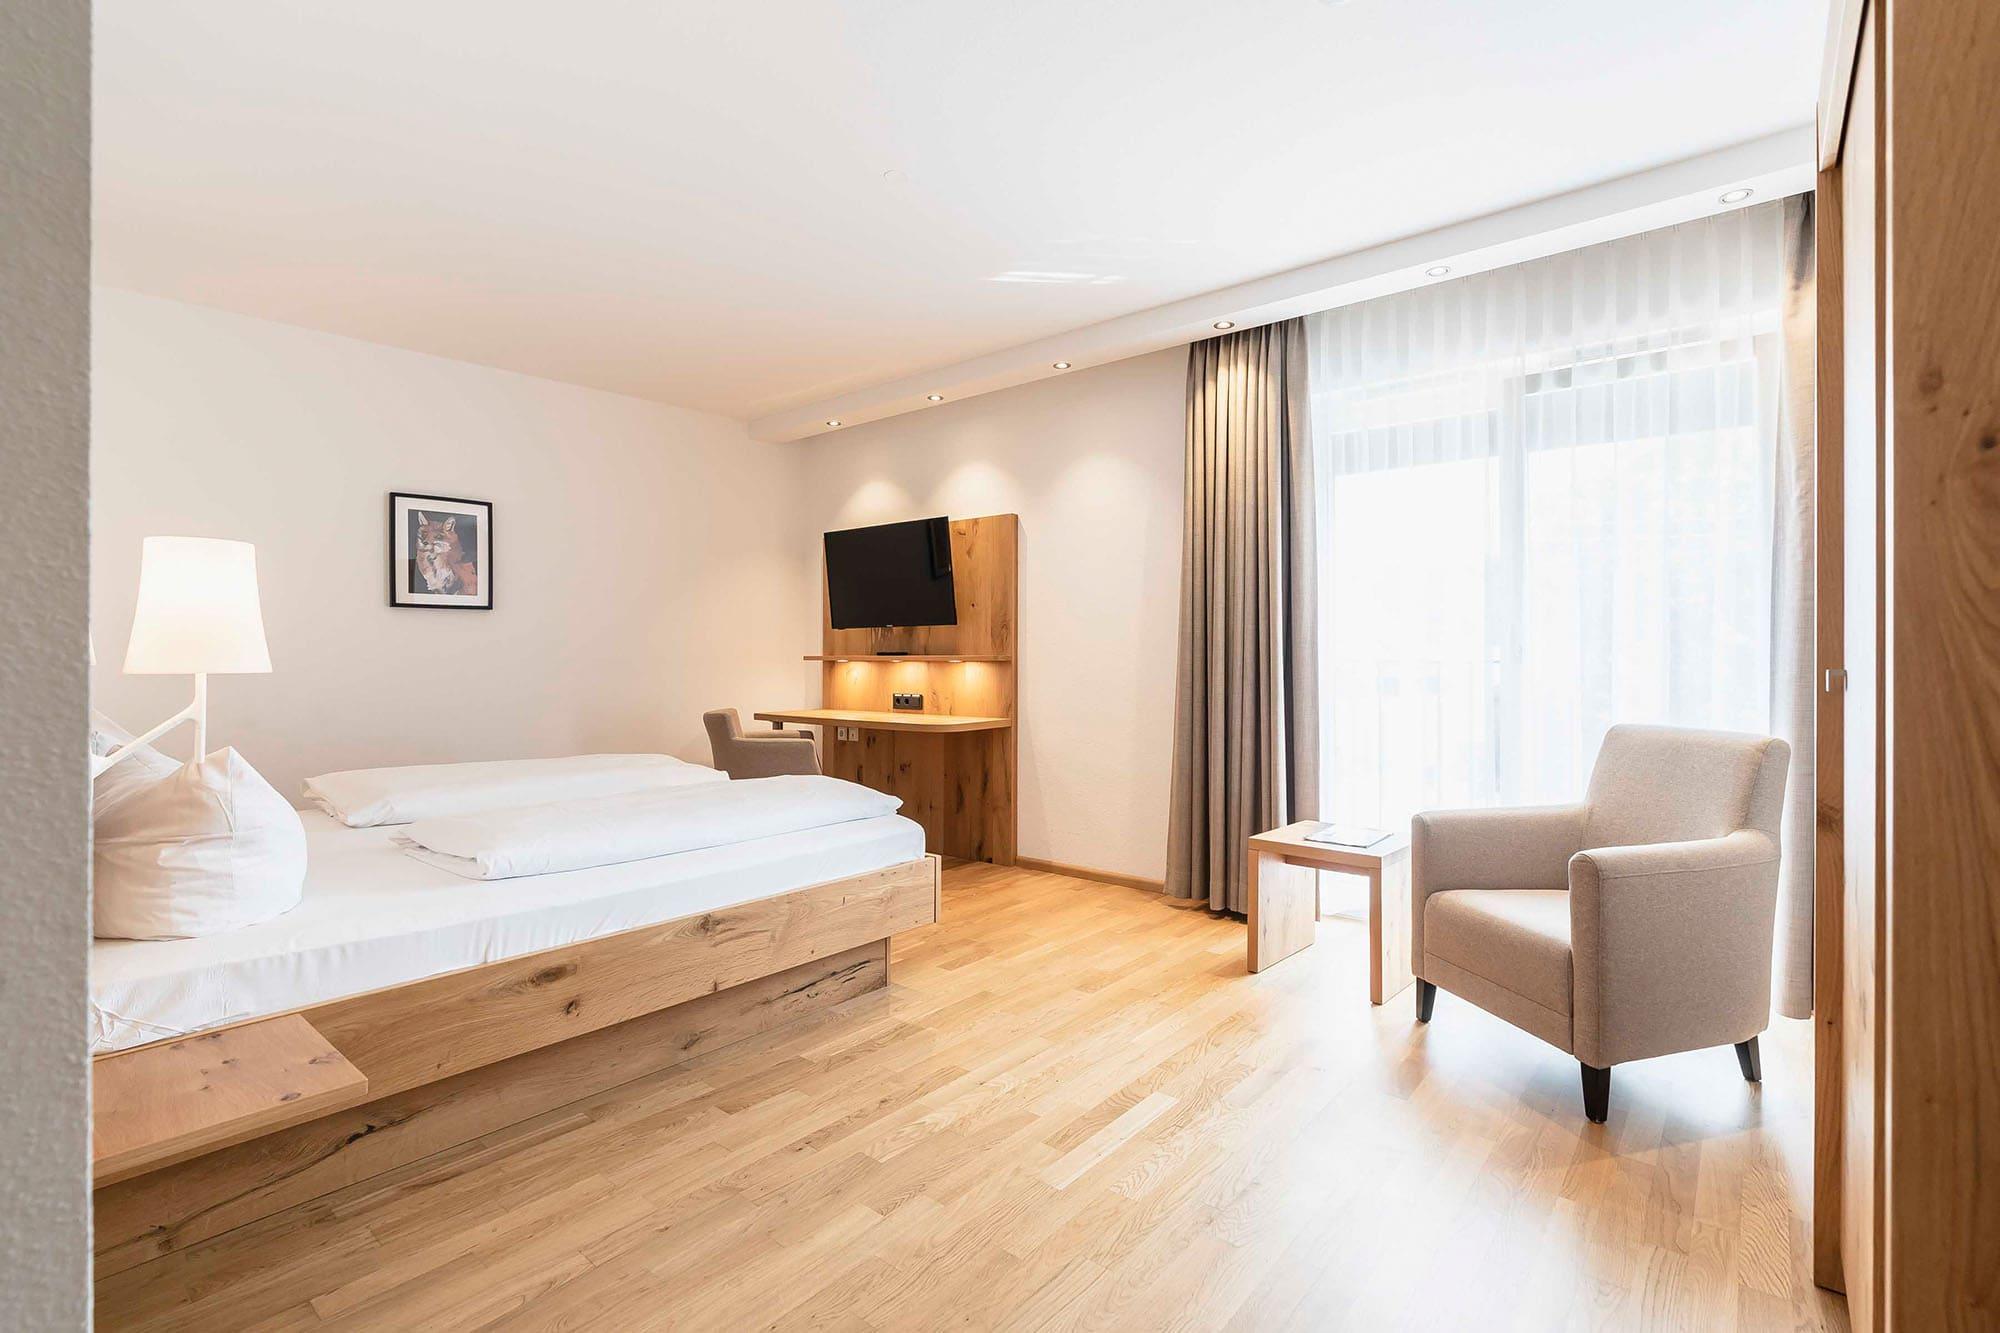 Hotel Gasthaus Loewen Buchholz Haus Kandel Dz